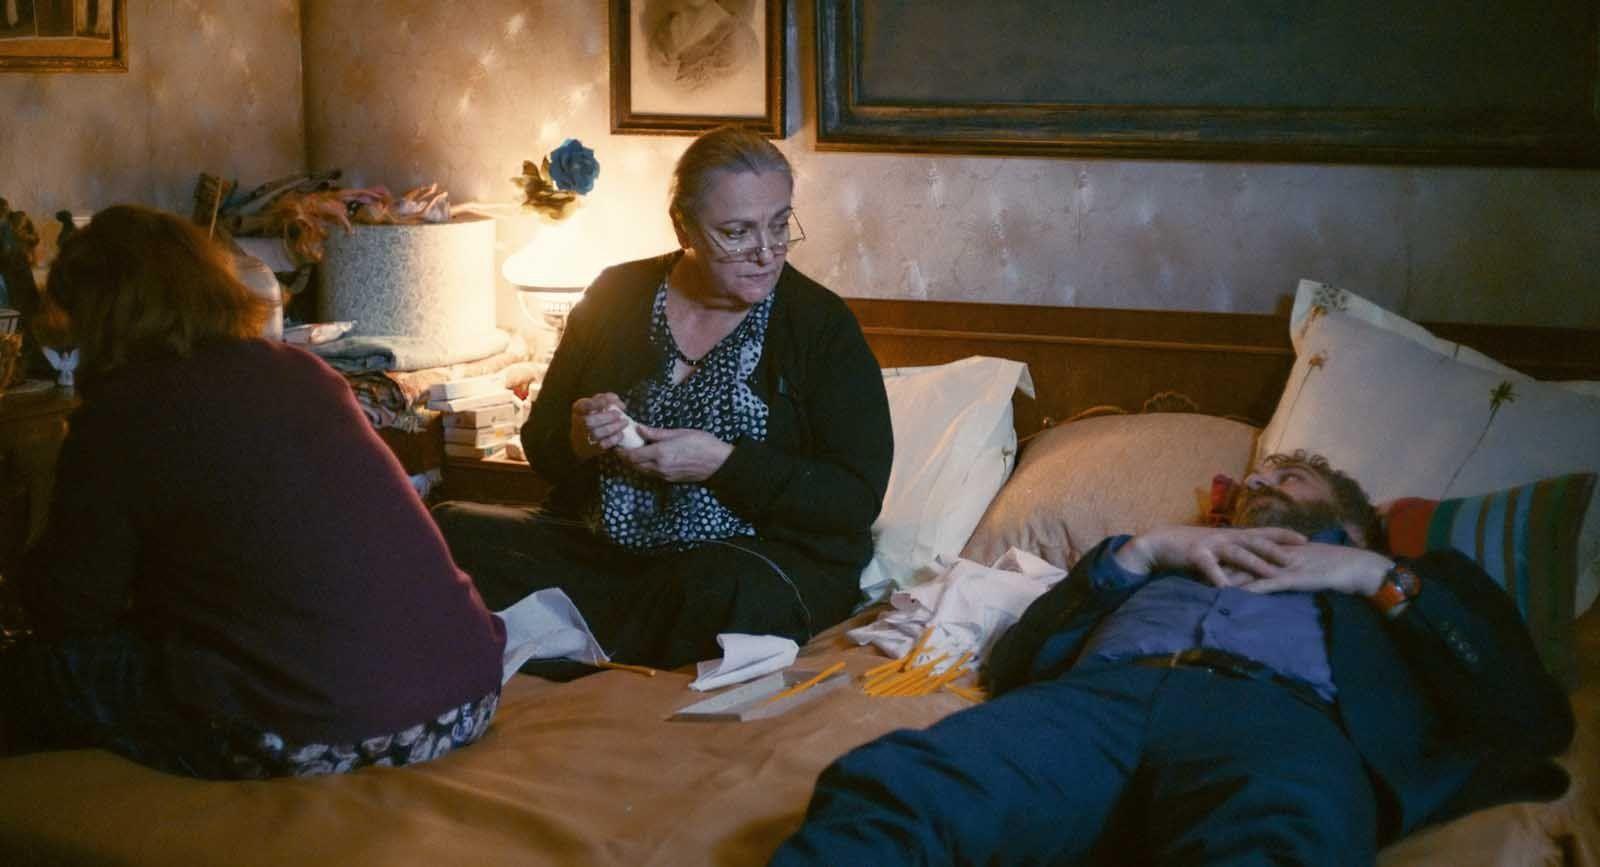 Sieranevada (BANDE ANNONCE VOST + 2 EXTRAITS VOST) de Cristi Puiu - Le 3 août 2016 au cinéma